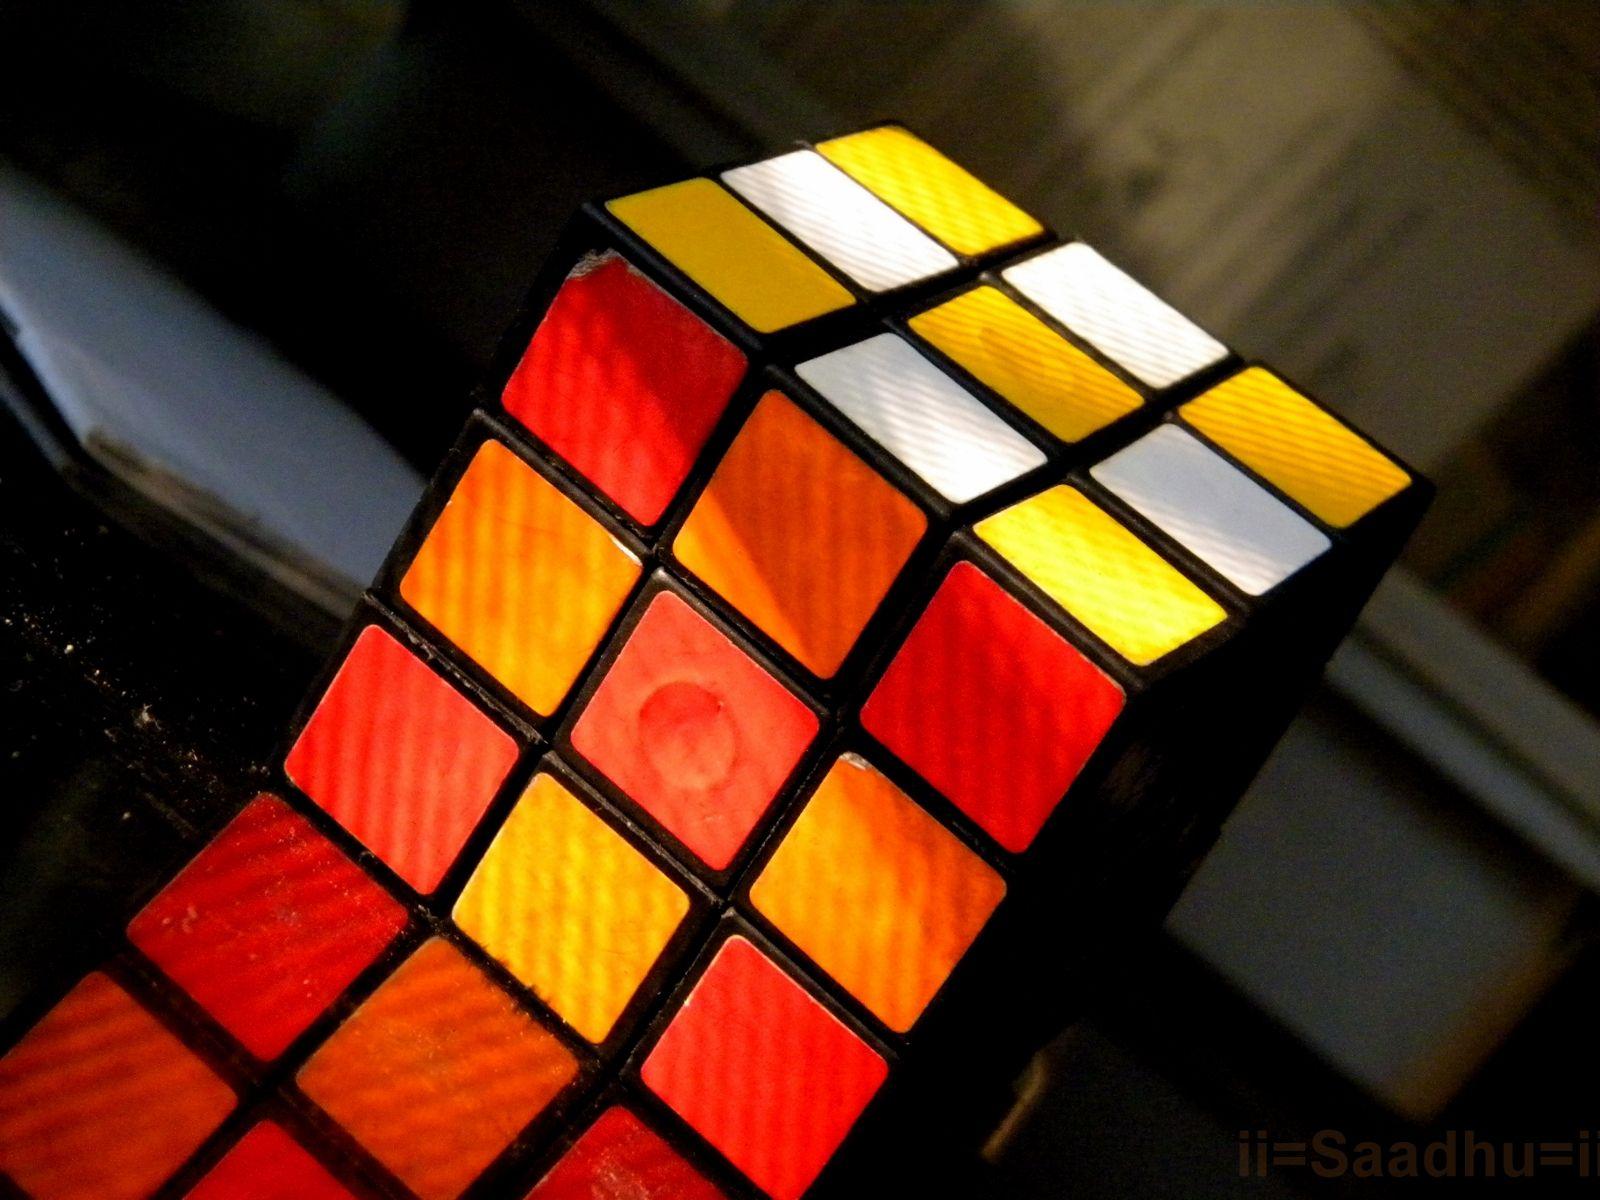 Rubiks Cube Wallpaper   ForWallpapercom 1600x1200